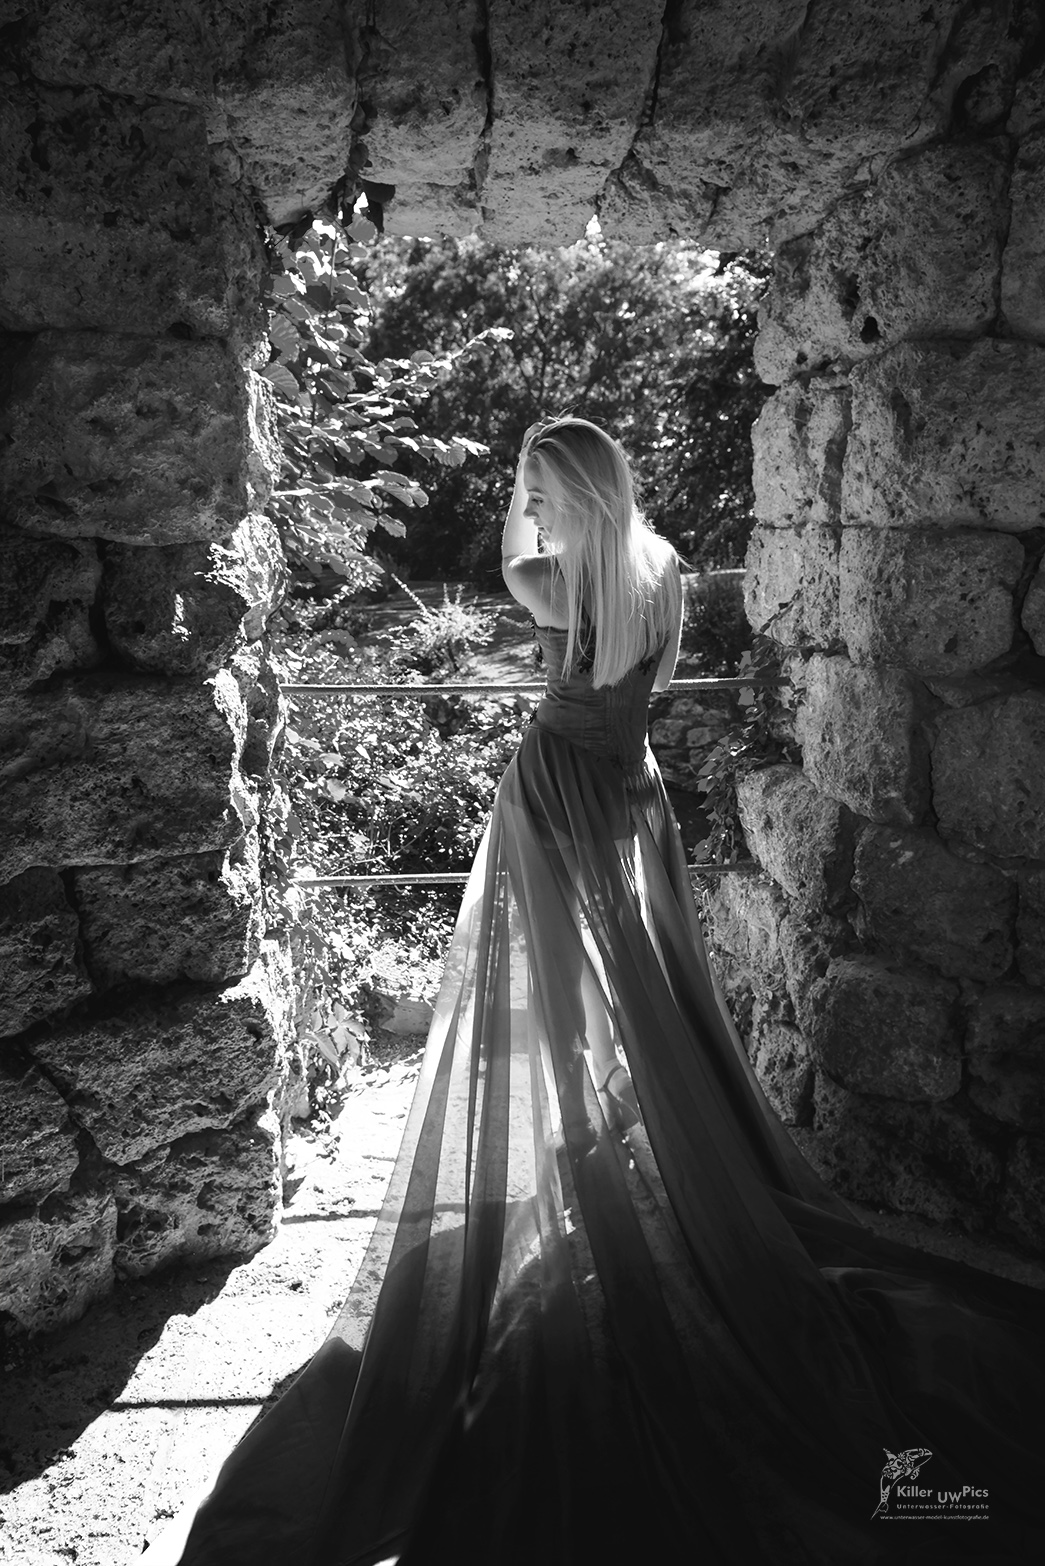 (c) Konstantin Killer, Model: Anastasia Pf.